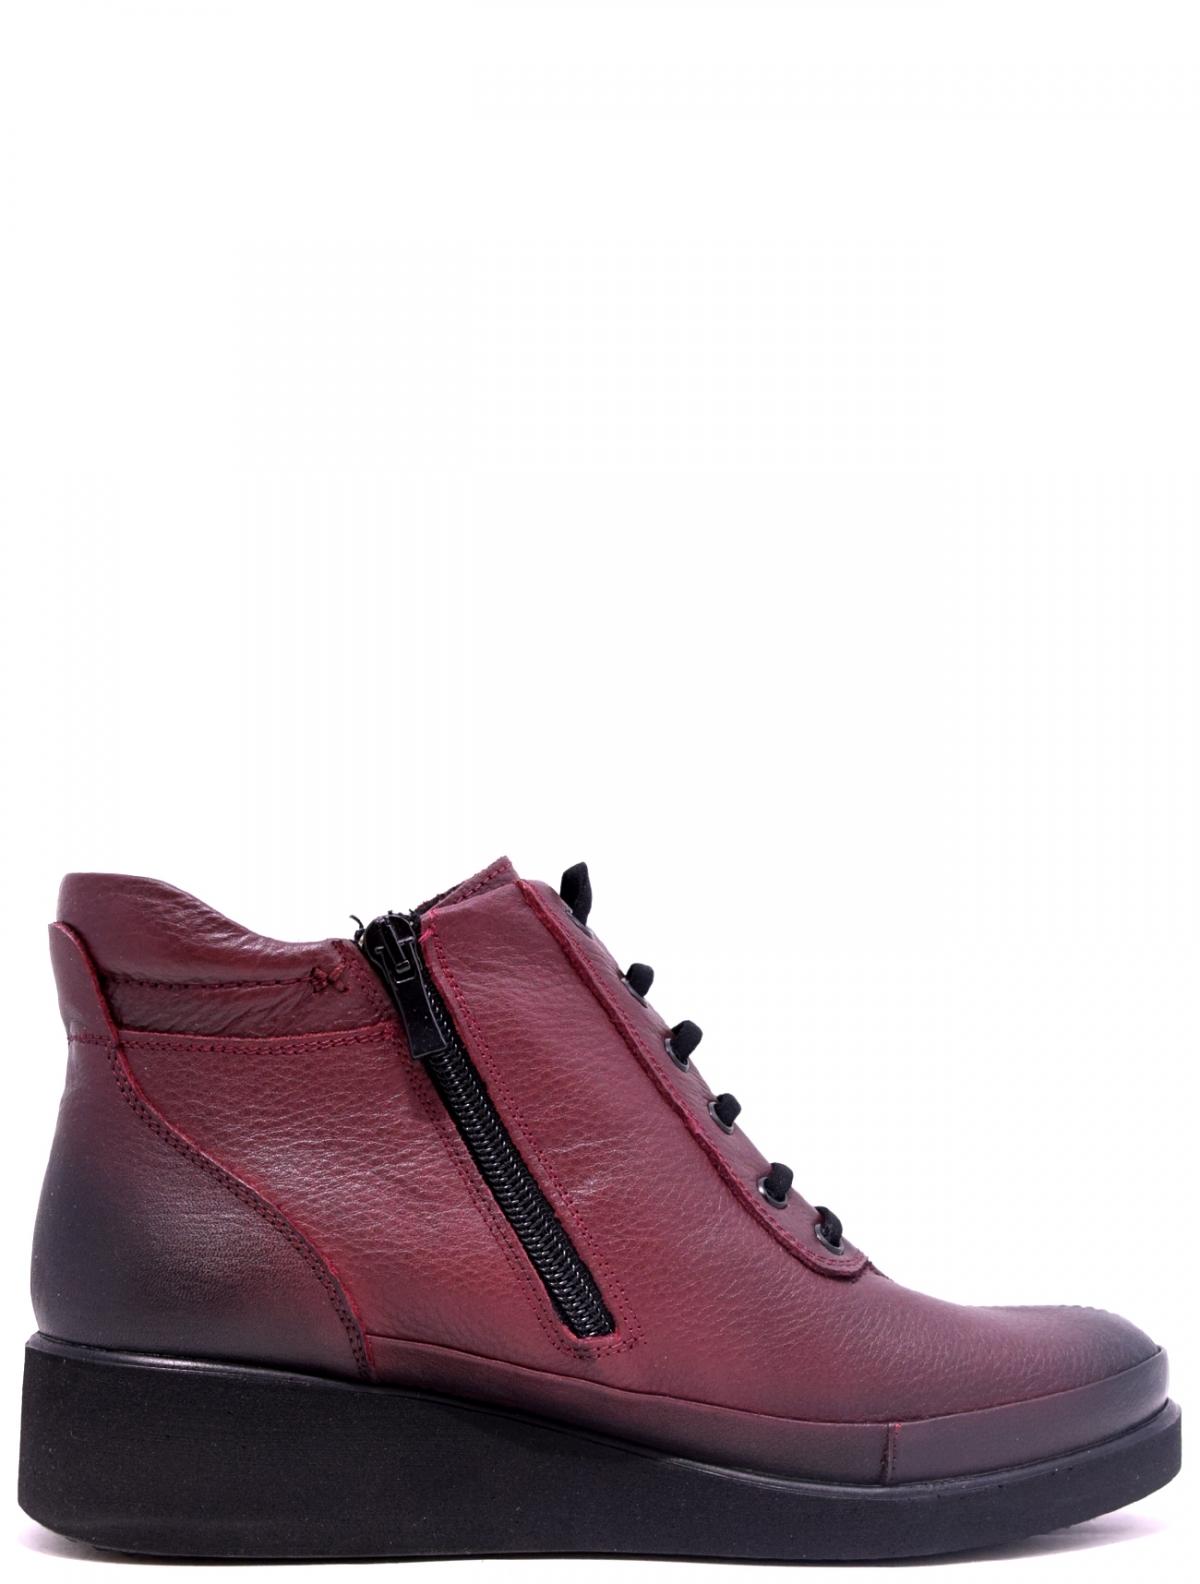 Spectra 031311056 женские ботинки